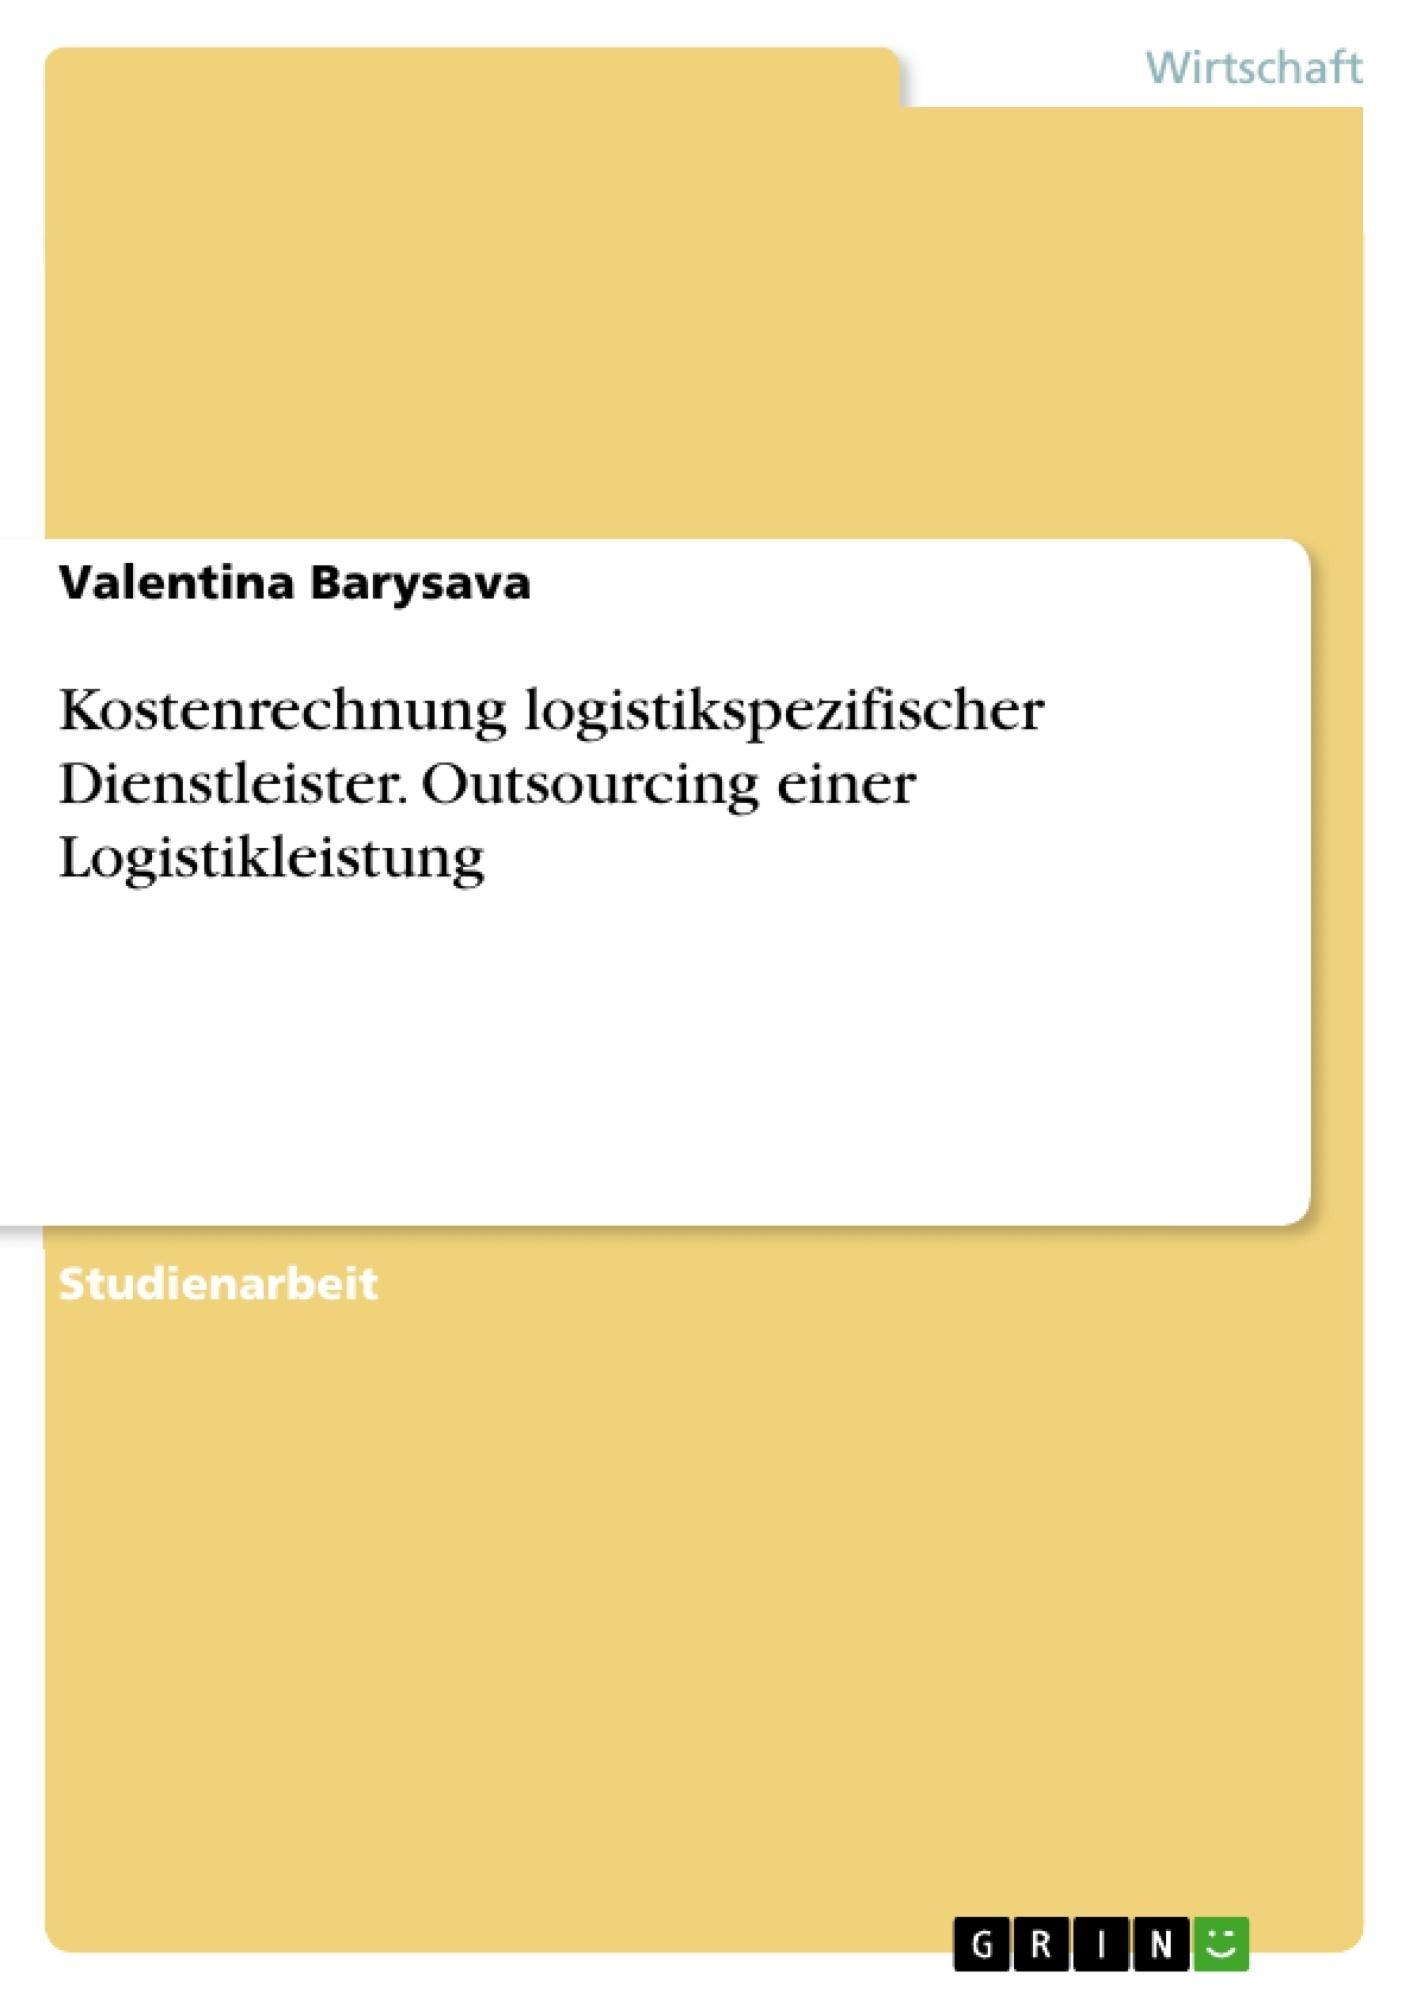 Titel: Kostenrechnung logistikspezifischer Dienstleister. Outsourcing einer Logistikleistung